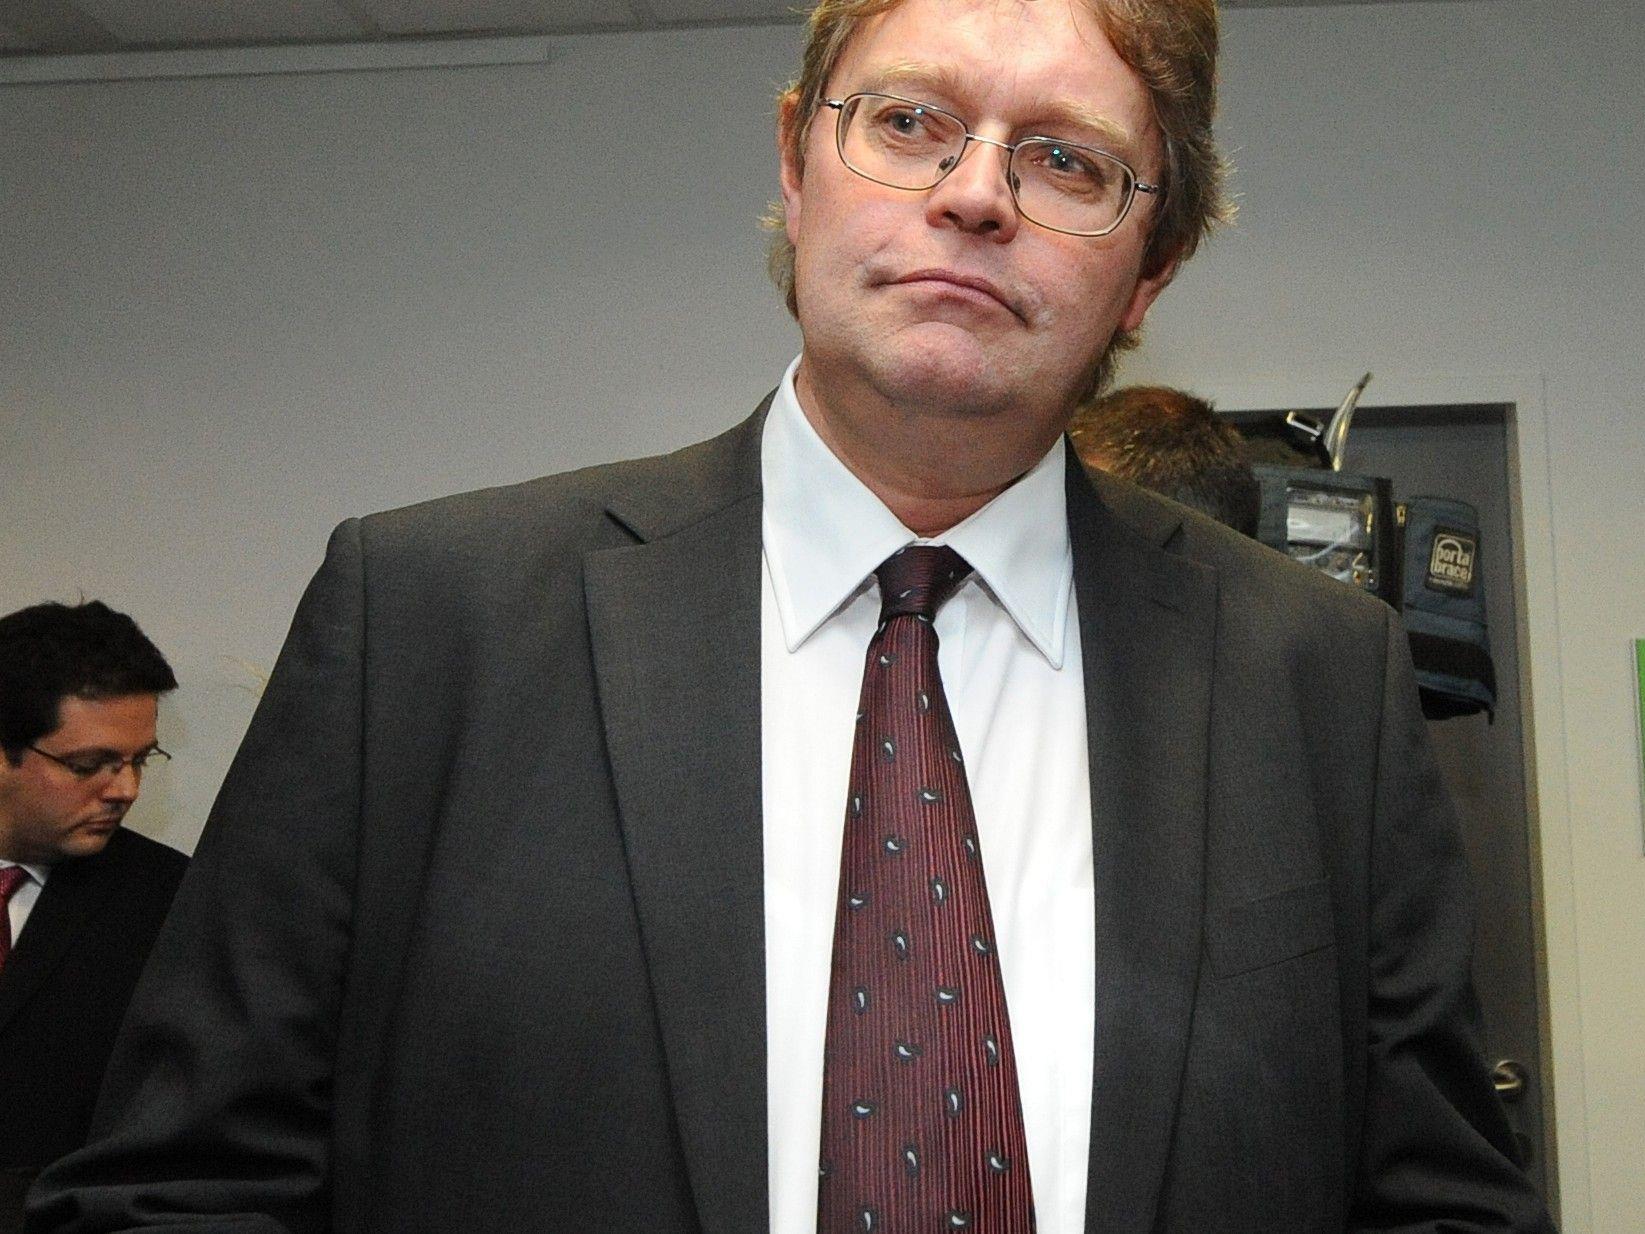 Peter Kolba vom VKI wirft dem AWD bei der Vermittlung von Immoblienaktien systematische Fehlberatung vor.